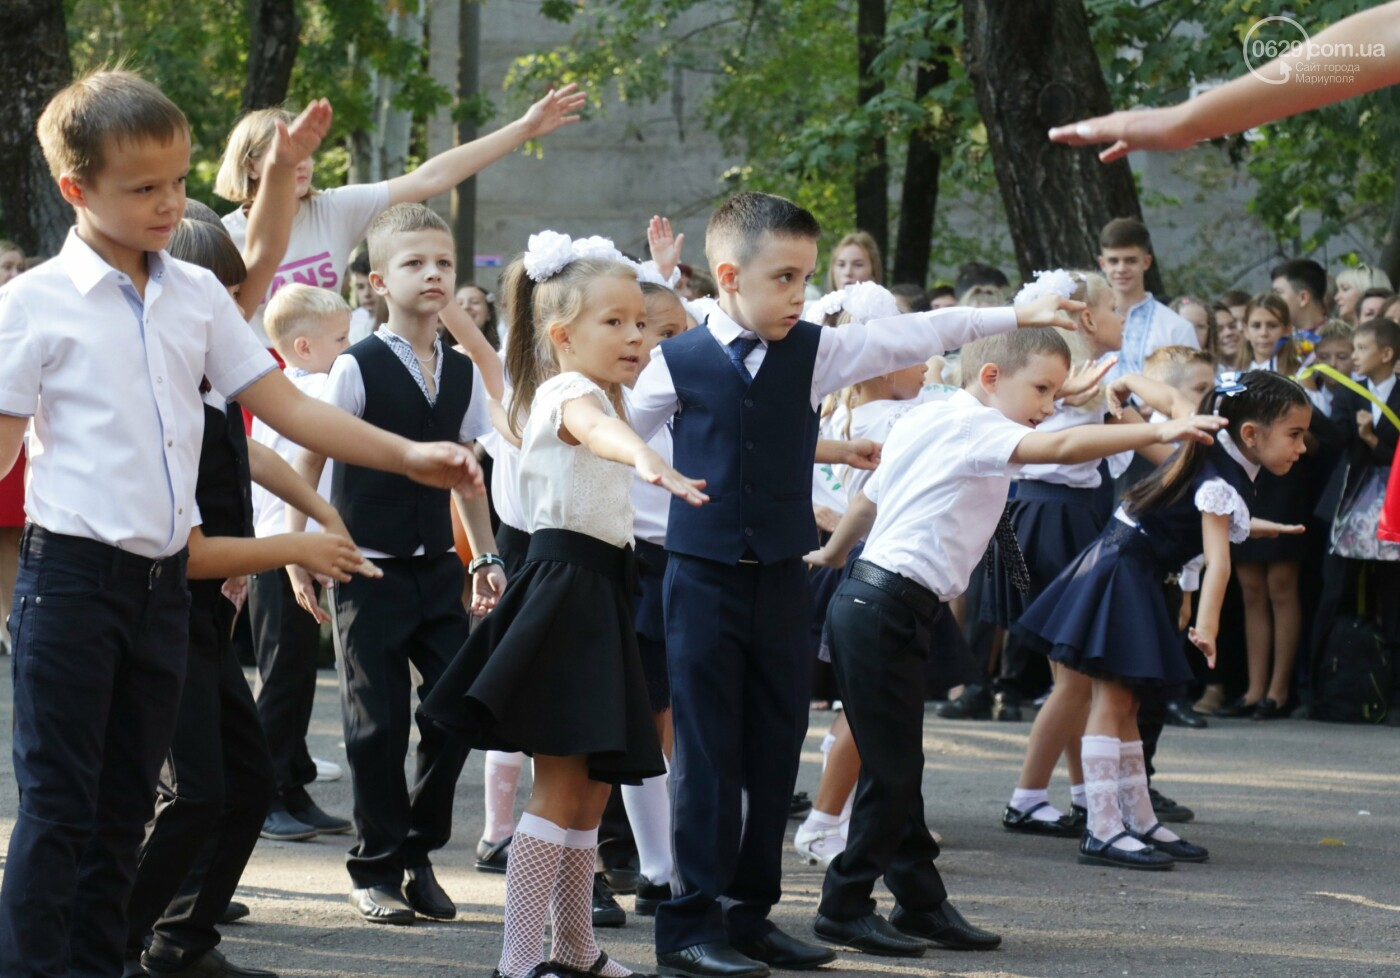 Первый звонок в Новой украинской школе: четыре тысячи первоклашек сели за парты в Мариуполе, - ФОТОРЕПОРТАЖ, фото-6